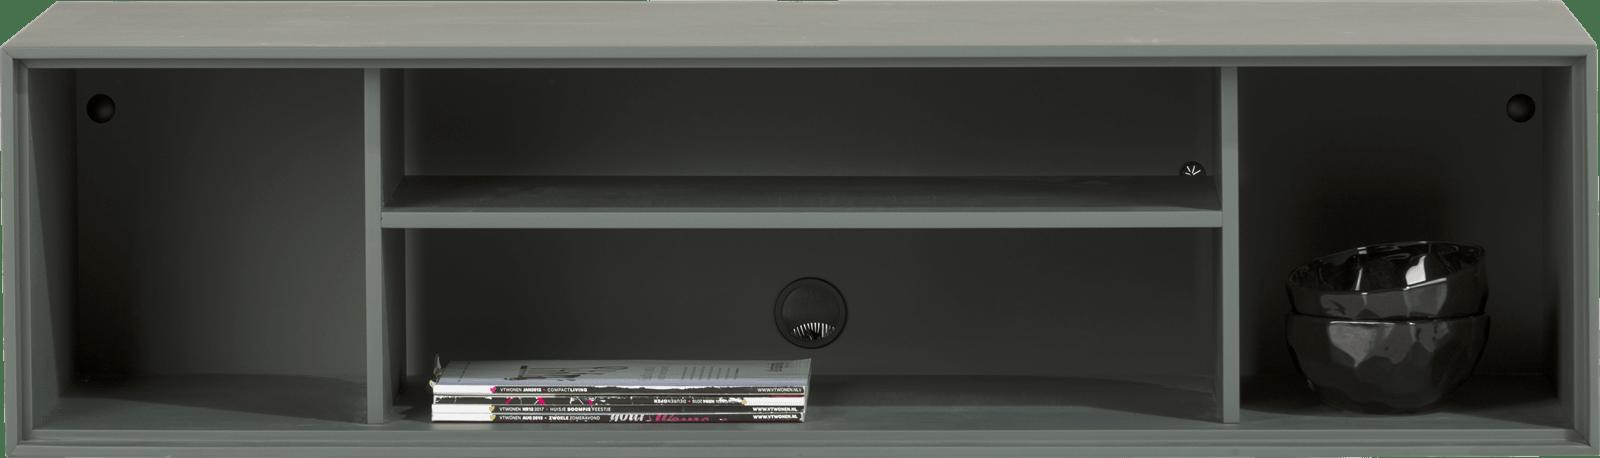 XOOON - Elements - Minimalistisches Design - box 30 x 120 cm. + regal - lackiert - zum aufhaengen + 4-nischen + led